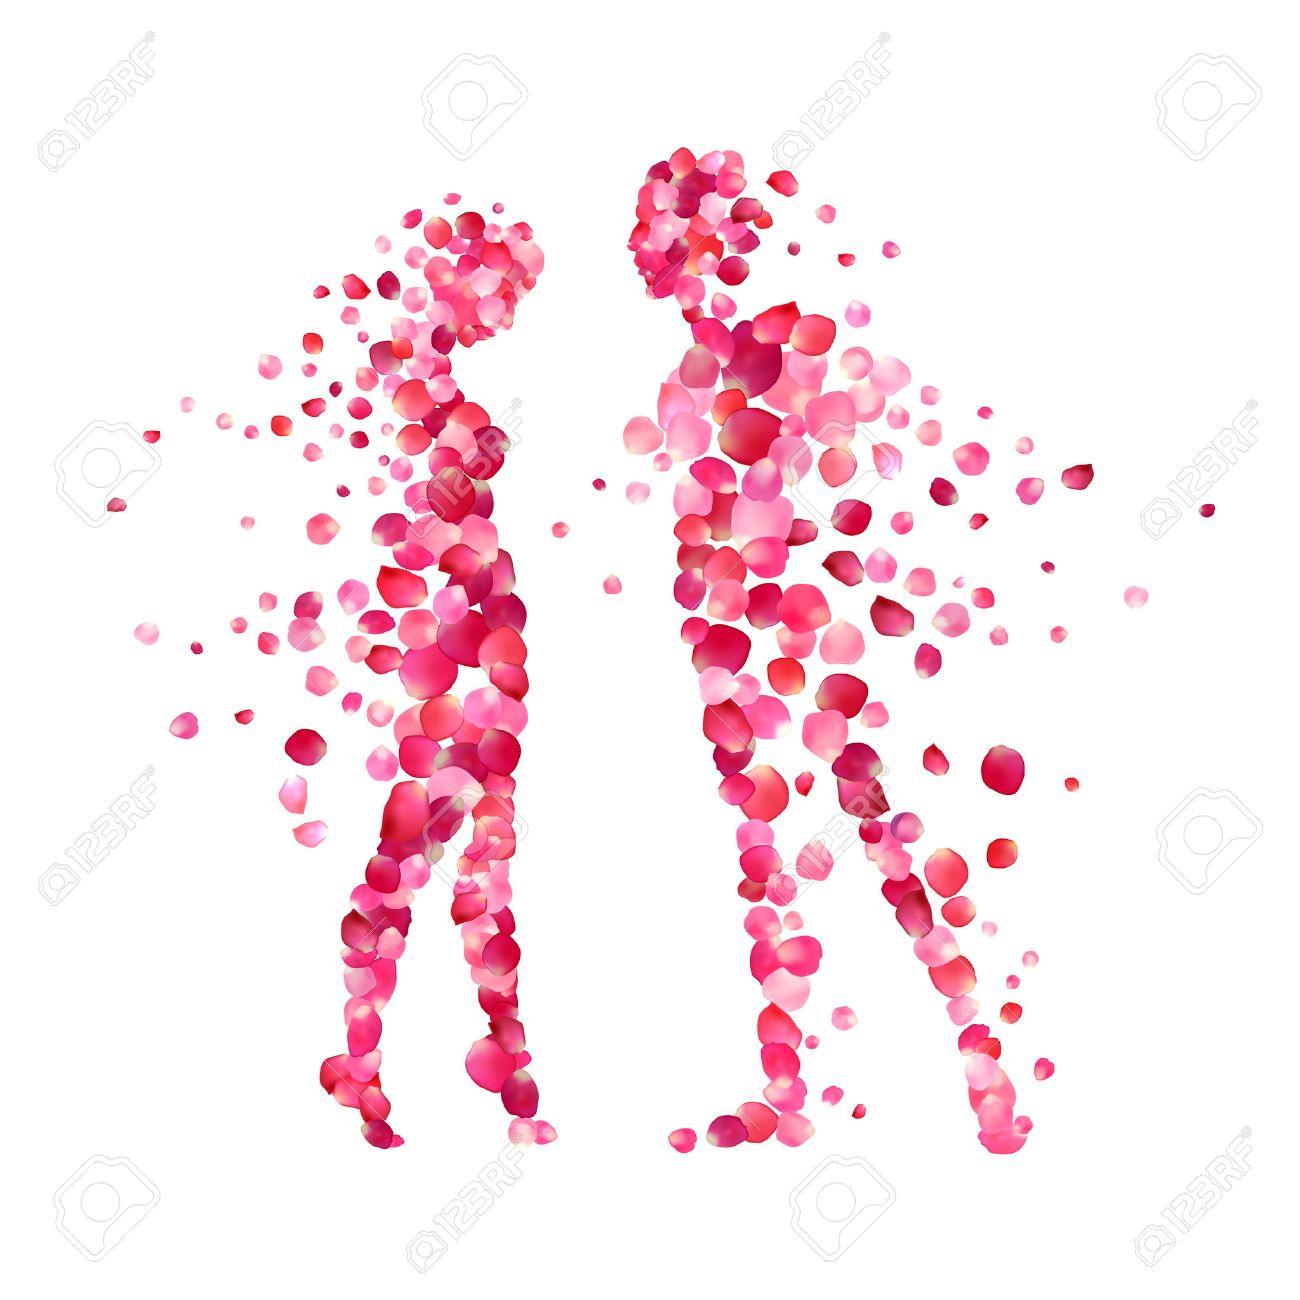 バラの花びらの愛情のあるカップルのシルエット。バレンタインの